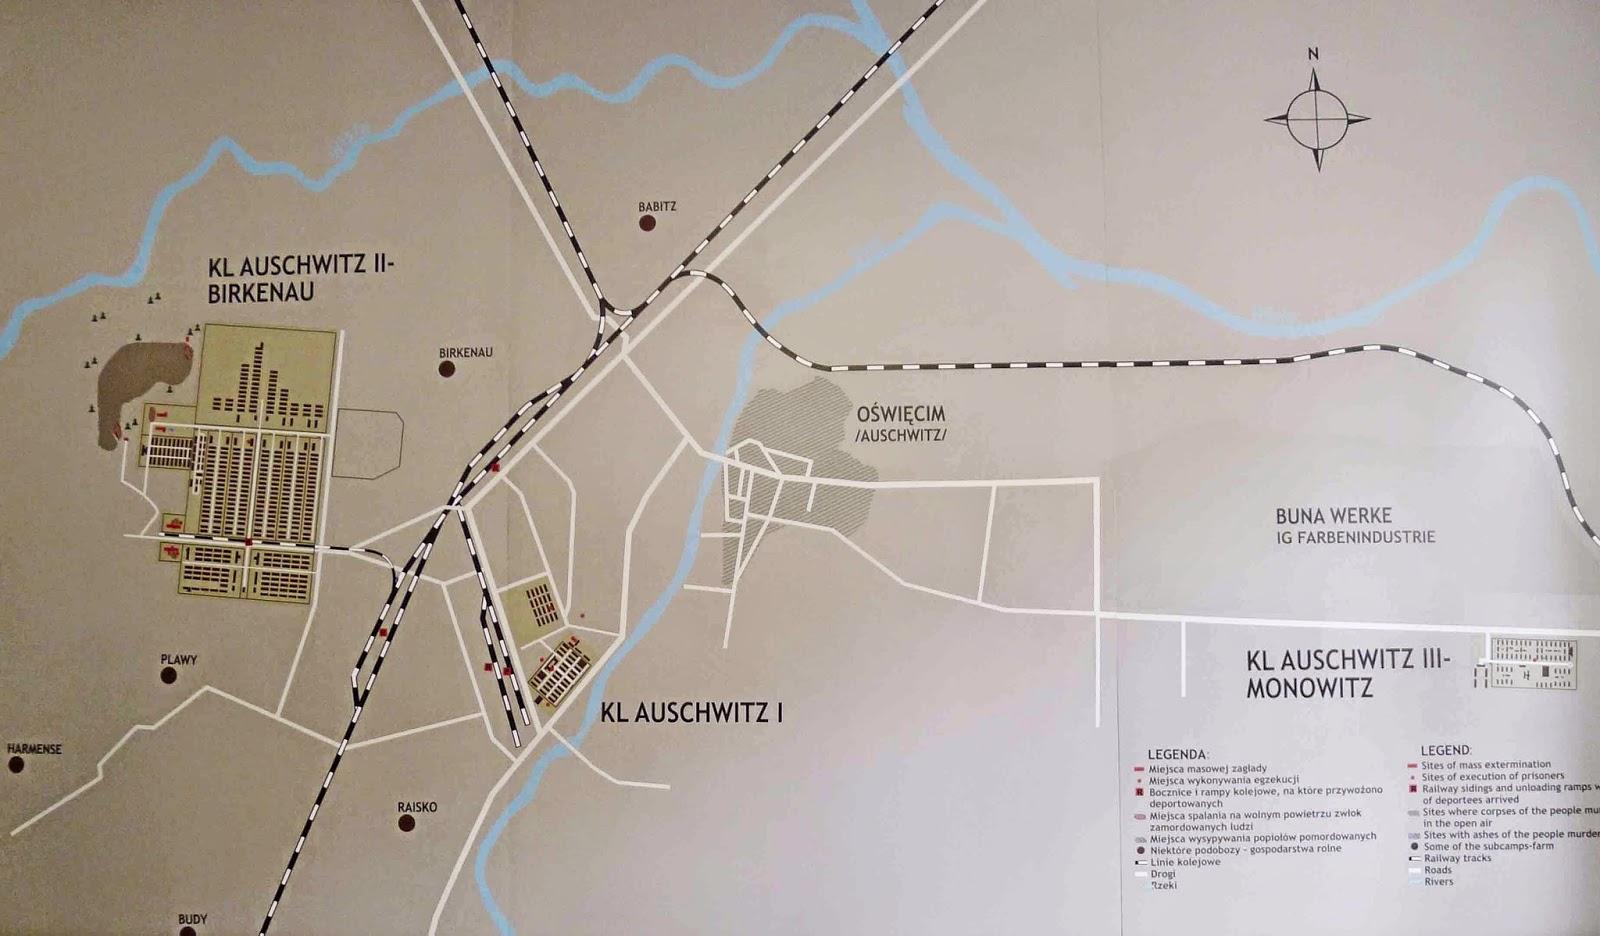 Map of Auschwitz 1 and Auschwitz Birkenau